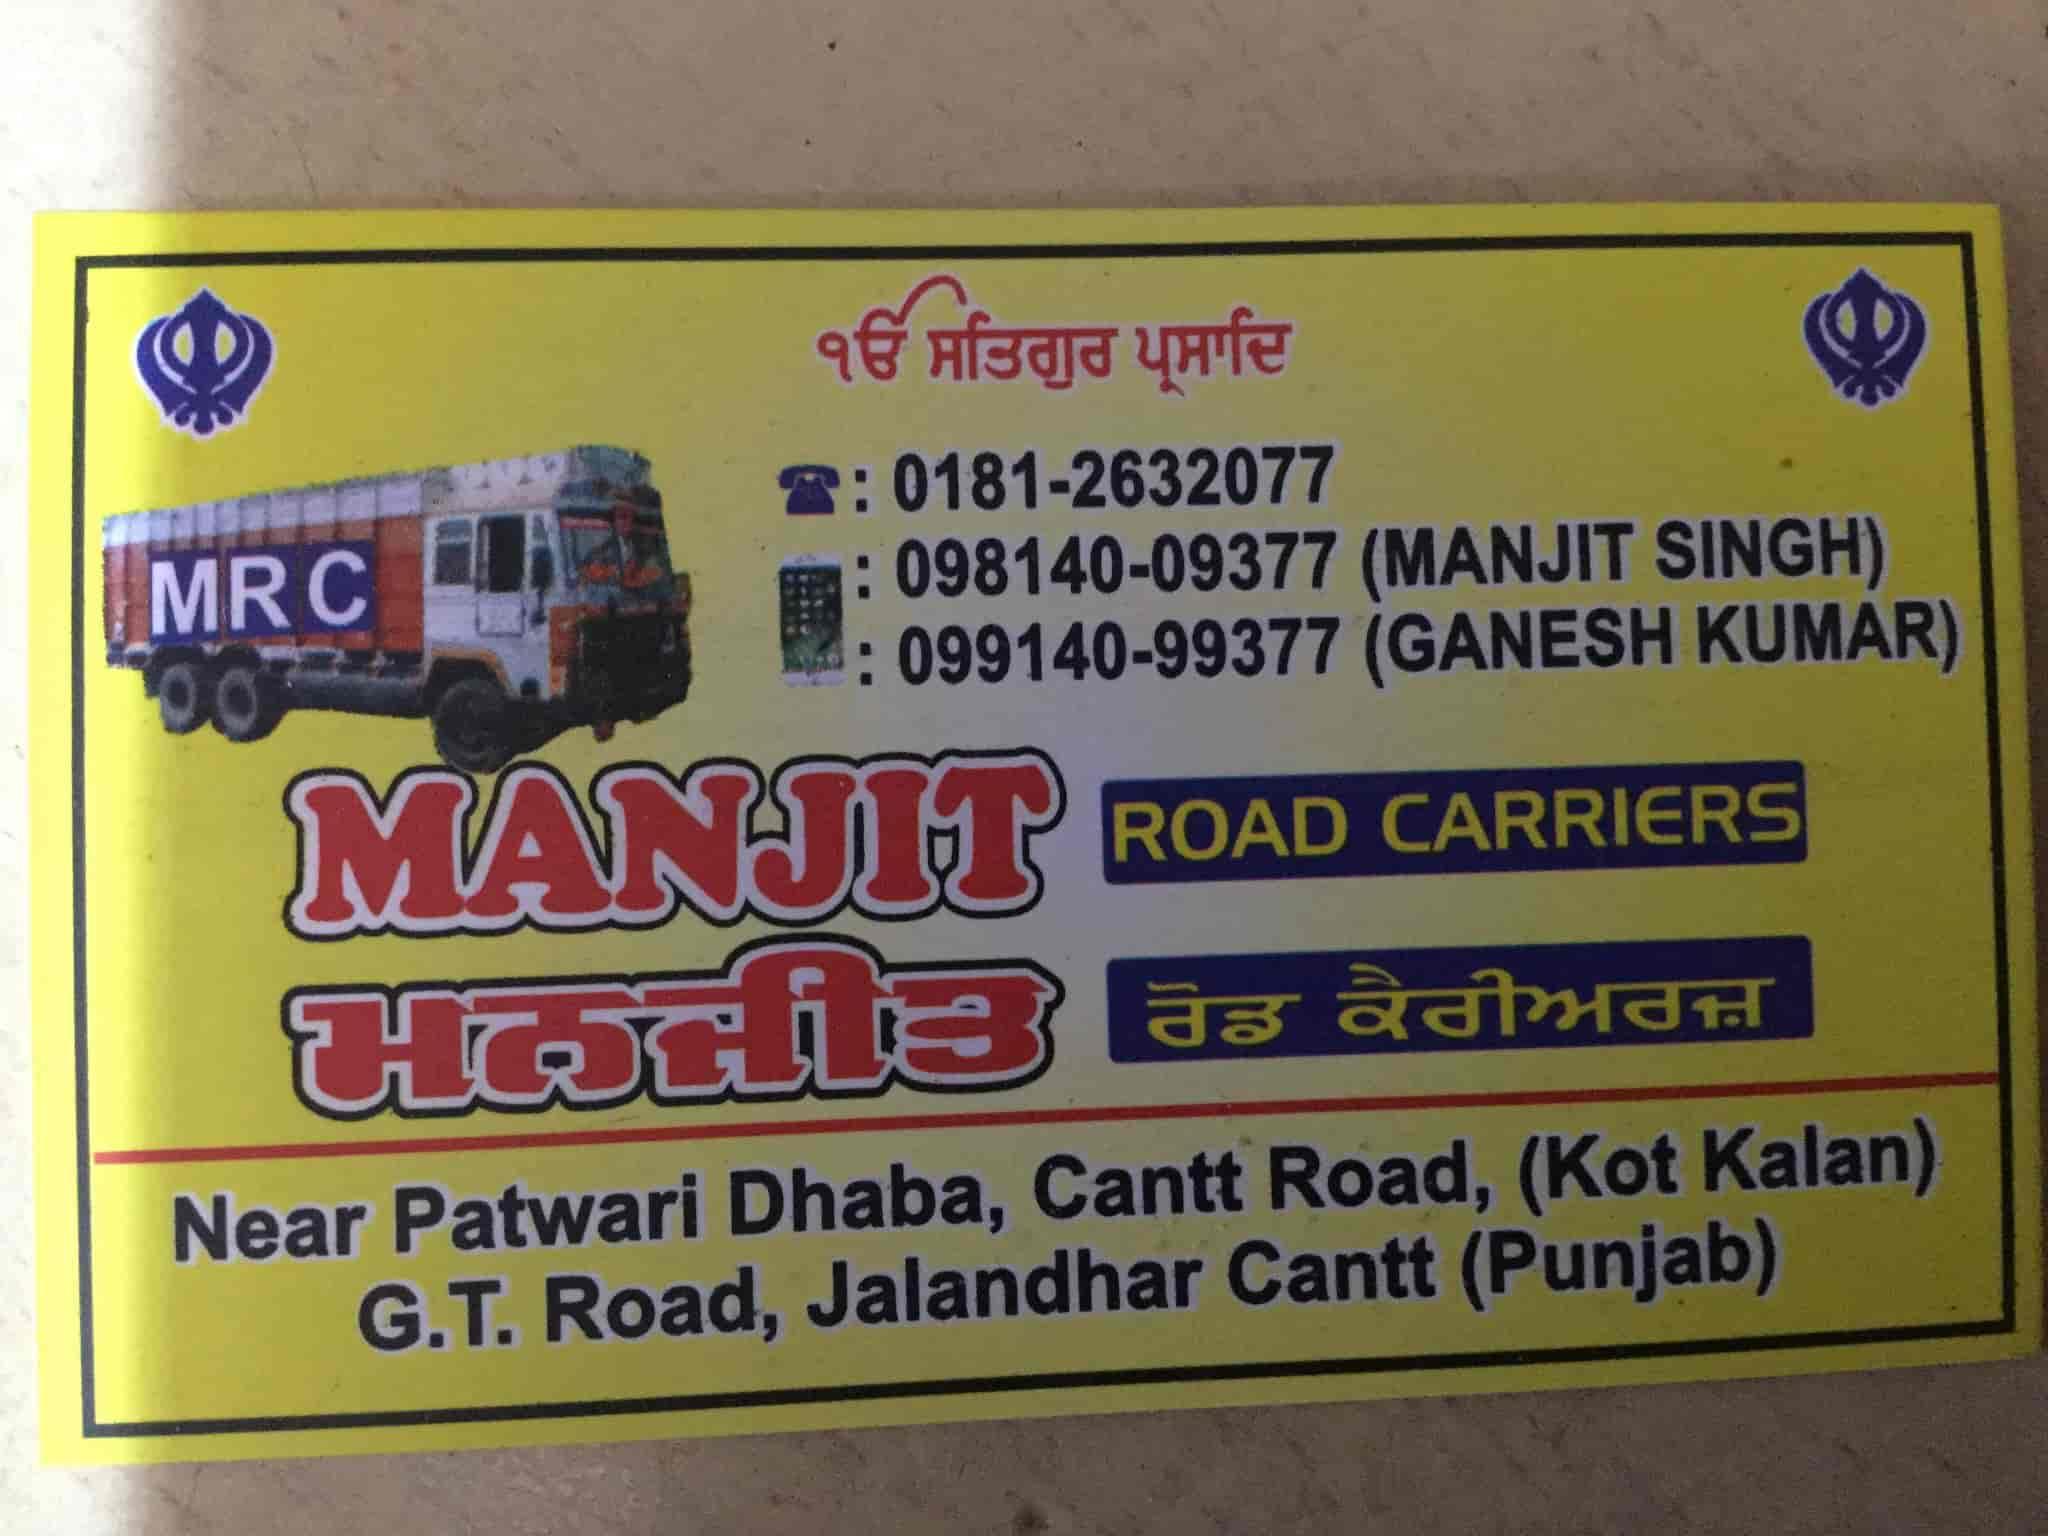 Manjit Road Carriers Photos, Jalandhar Cantt, Jalandhar- Pictures ...